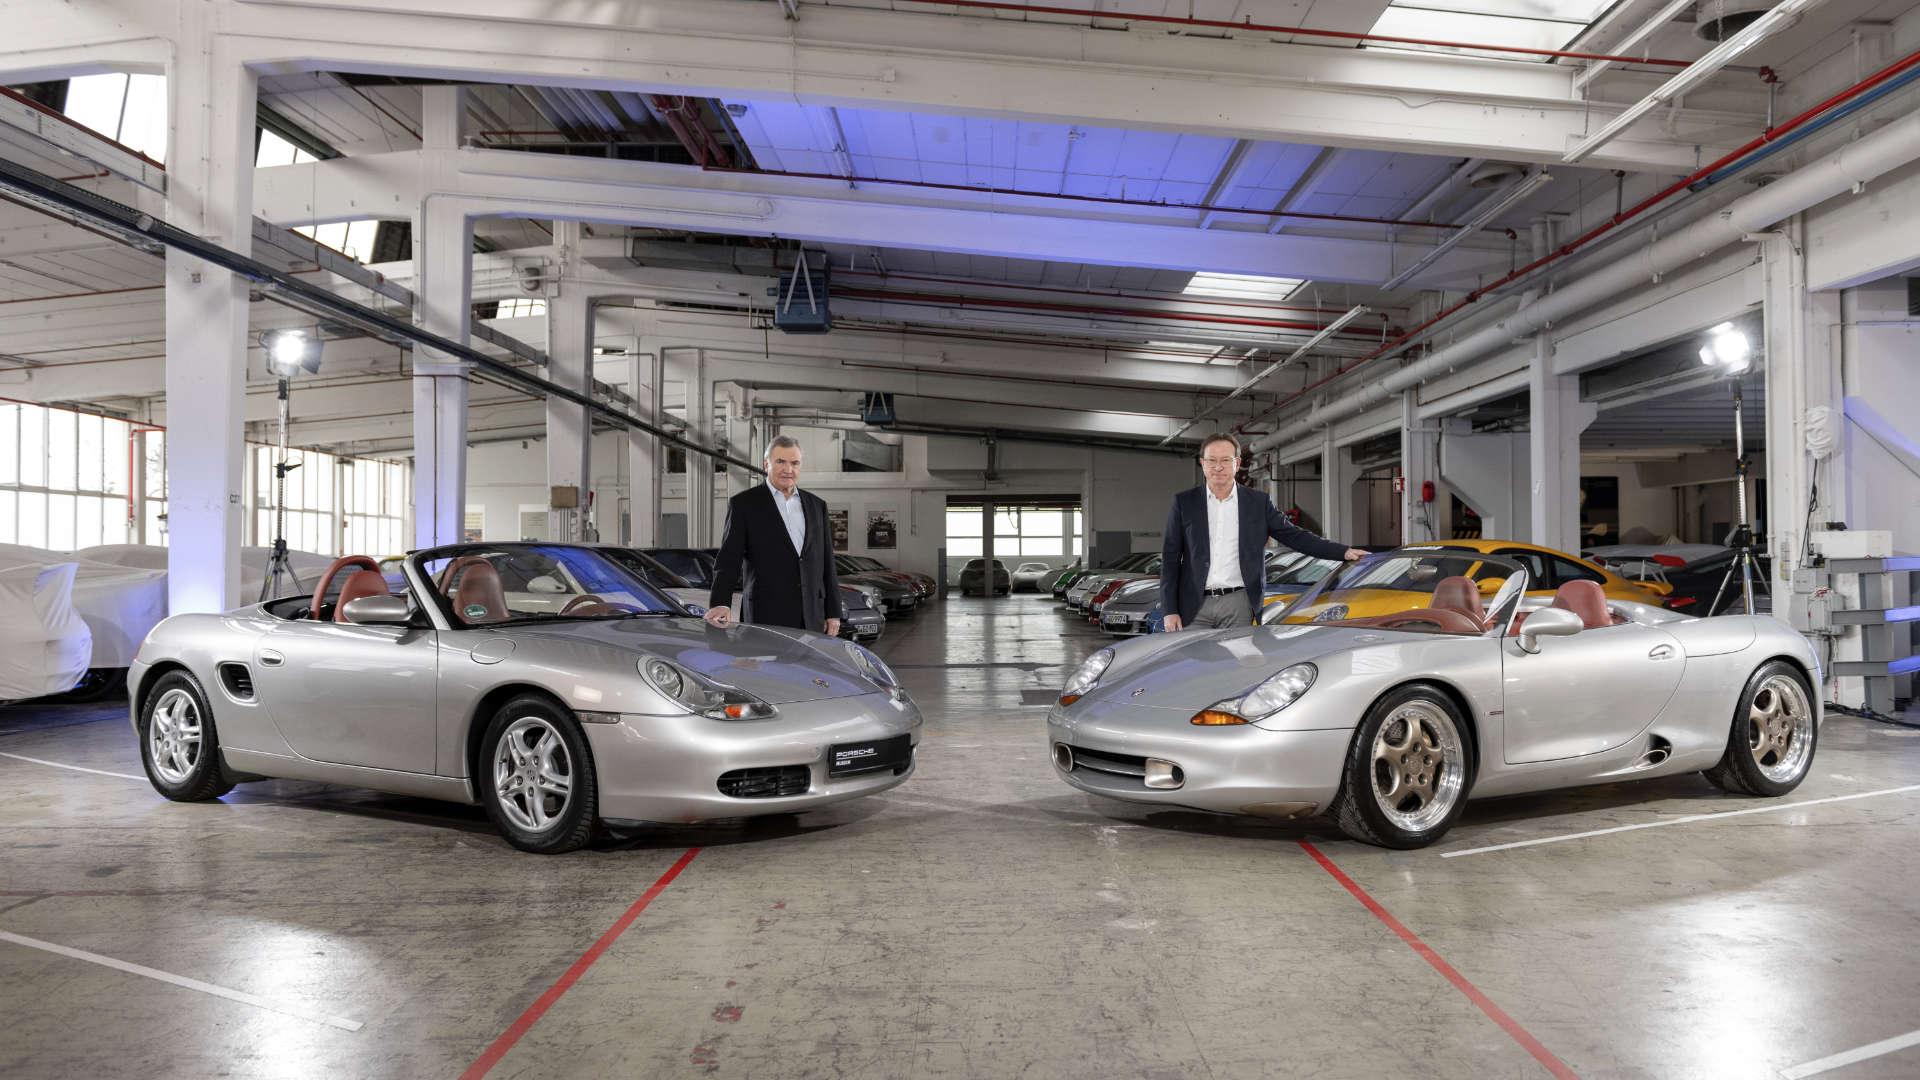 Horst Marchart Grant Larson Porsche Boxster 986 Urmodell Konzeptstudie Boxster